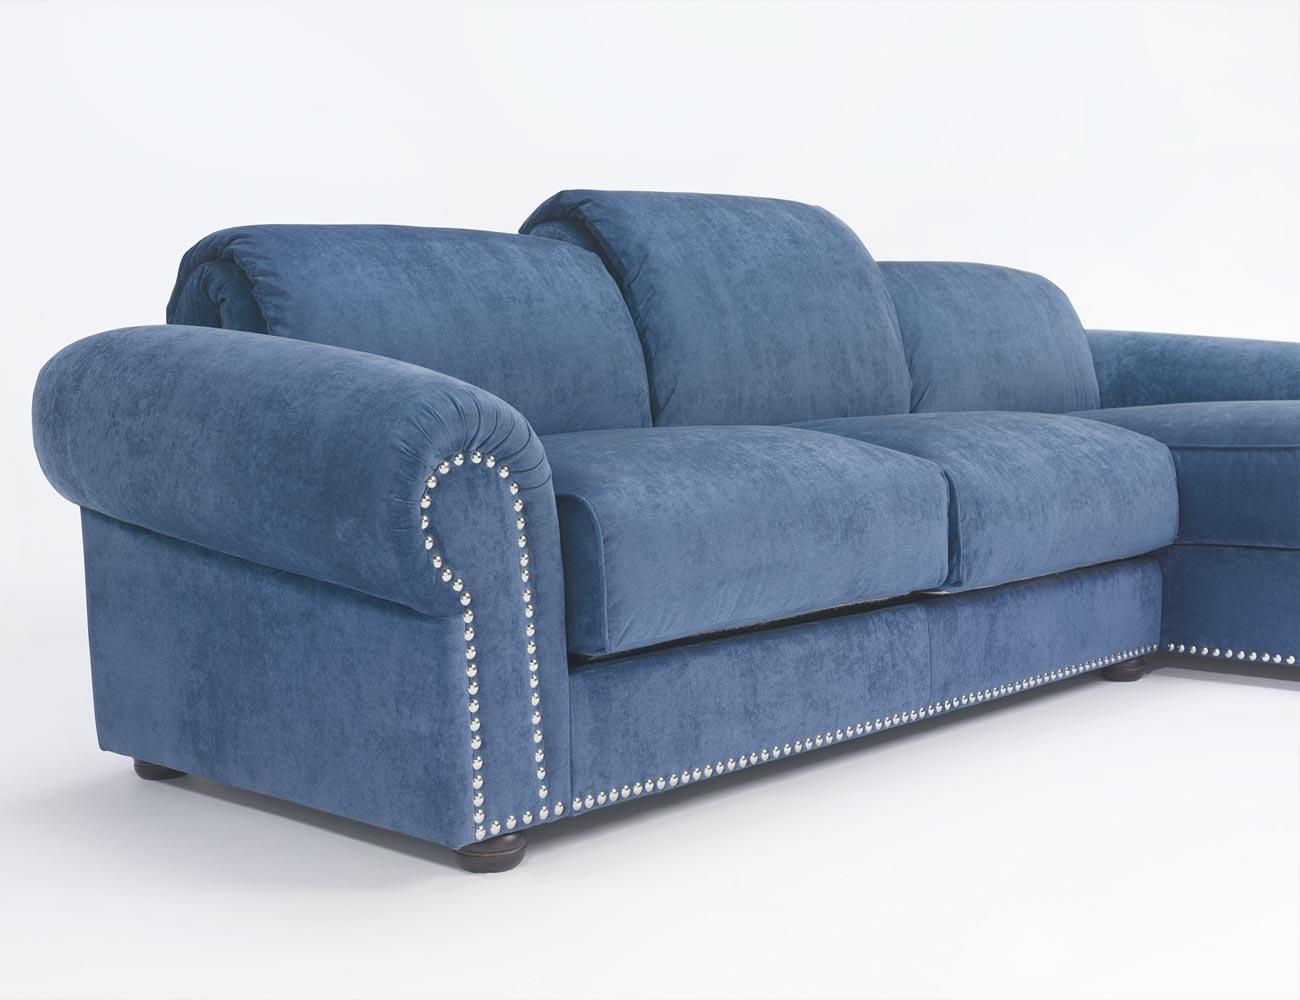 Sofa chaiselongue gran lujo decorativo azul 131